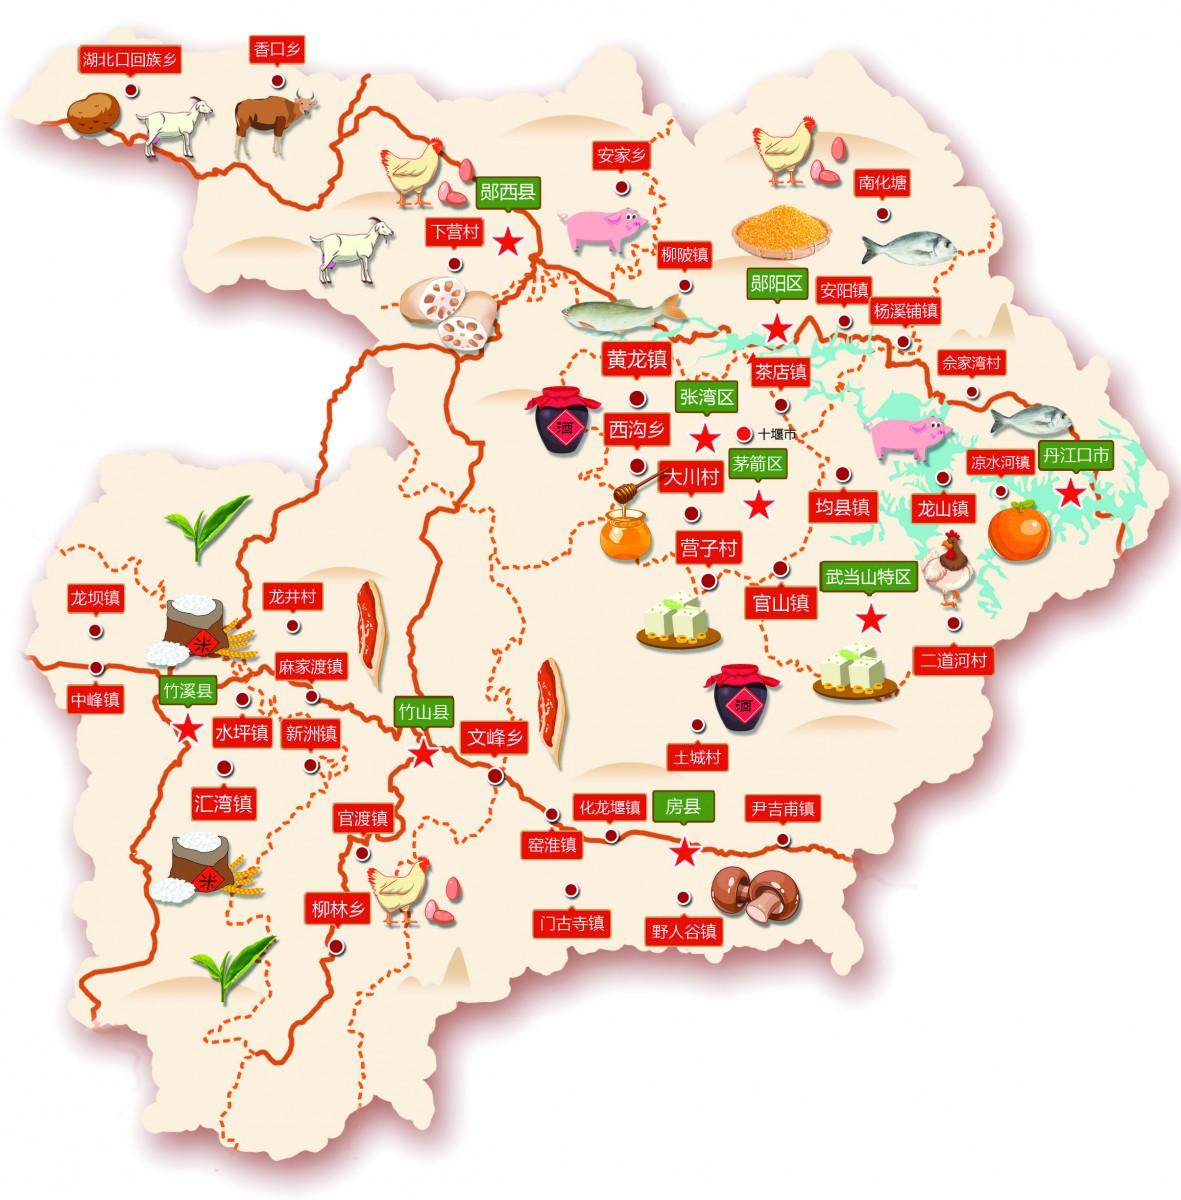 【资讯】十堰市旅游年货地图出炉啦!快收藏